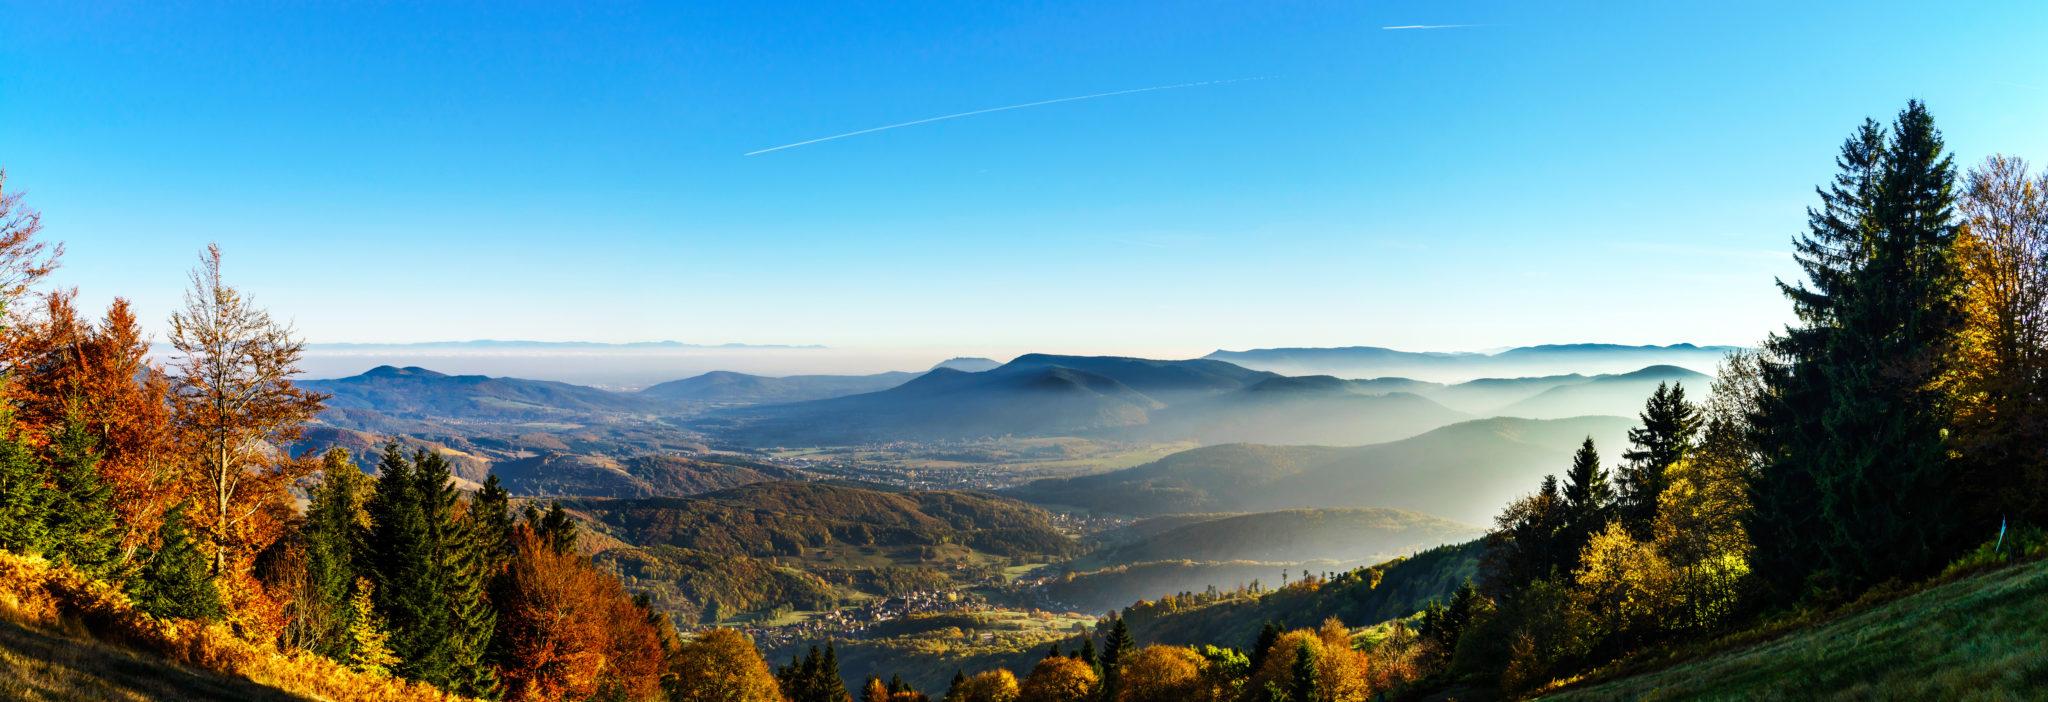 Landschaft der Vogesen im Herbst